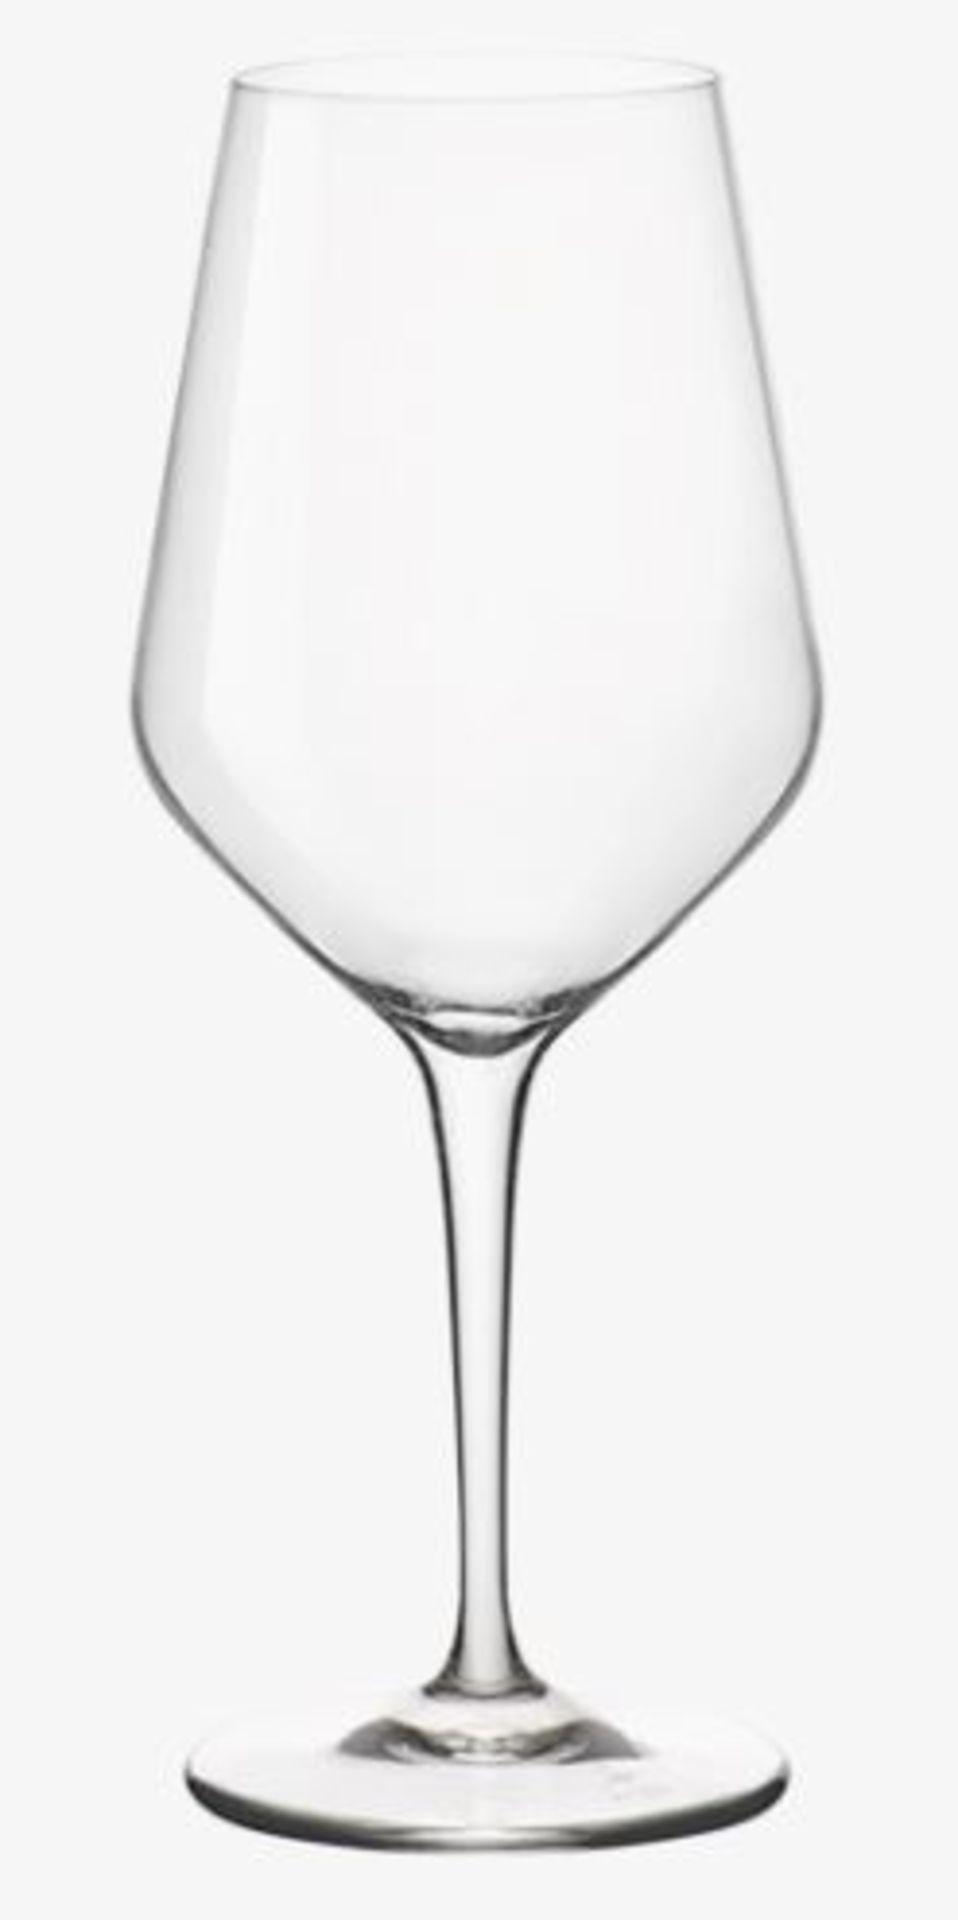 + VAT Brand New Broggi 1818 (Villeroy & Boch) Set of 2 White Wine Glasses 350ml